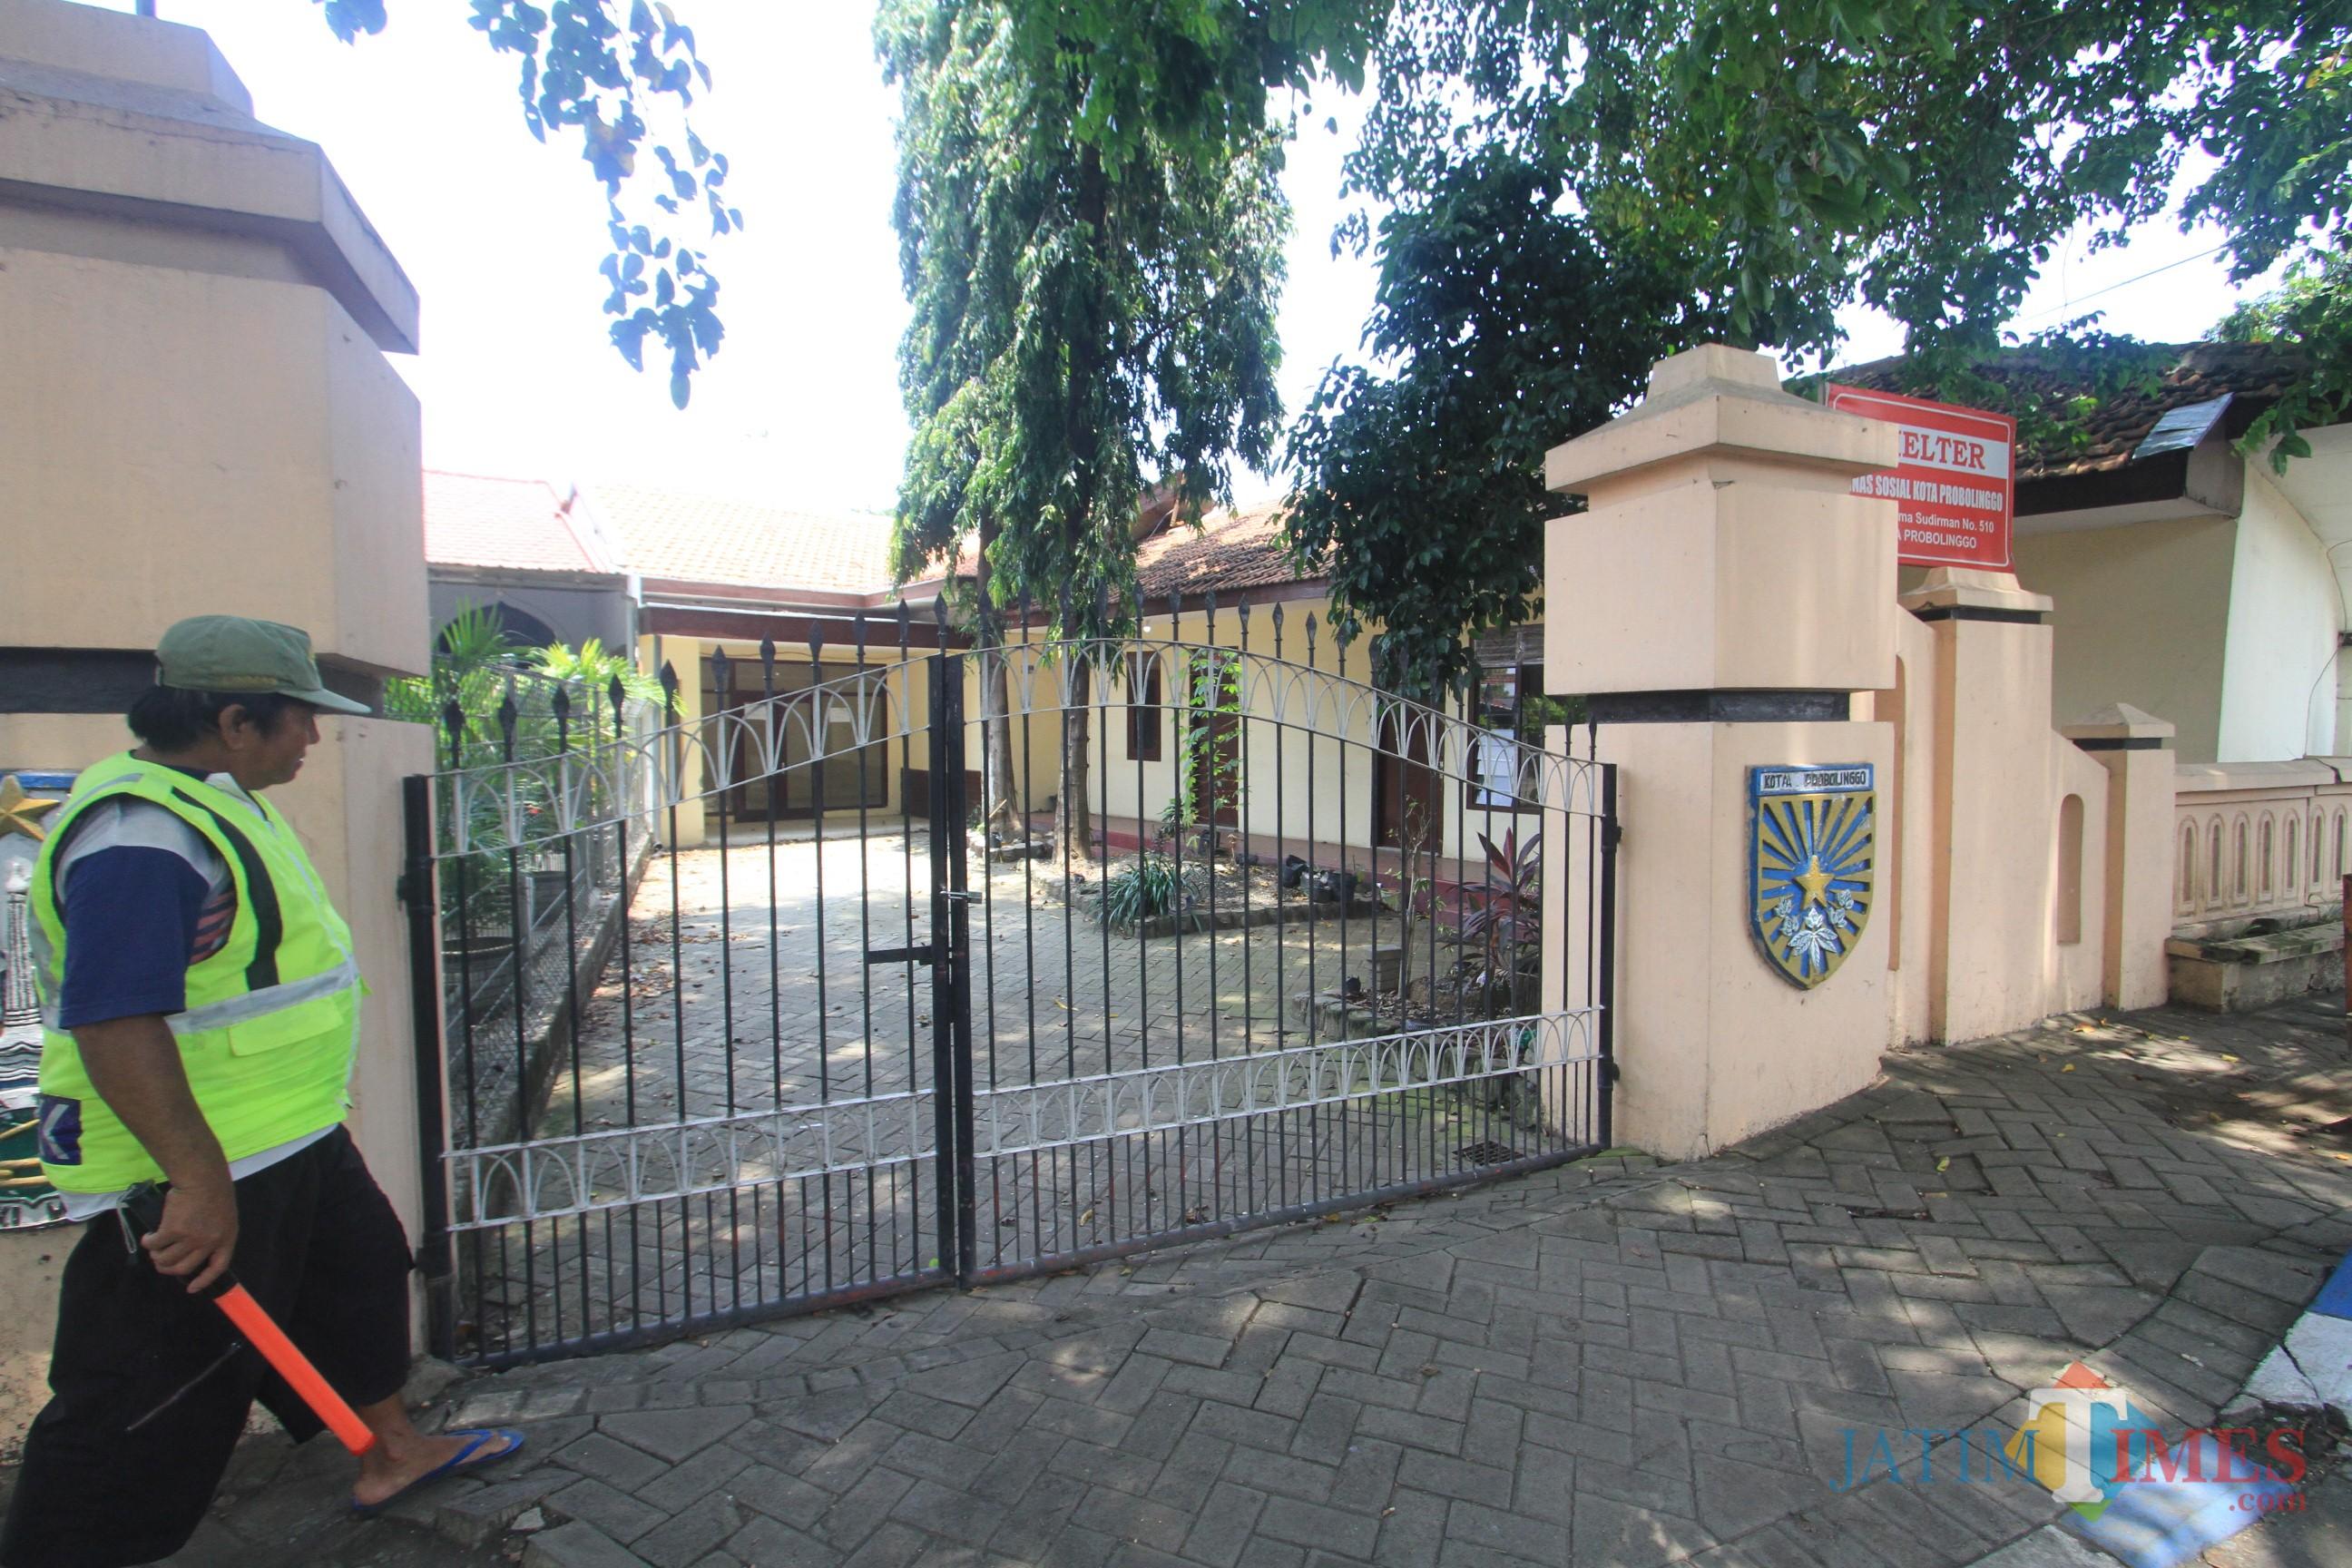 Shelter di Jalan Panglima Sudirman sudah tidak ditempati oleh Dinsos.  (Agus Salam/Jatim TIMES)